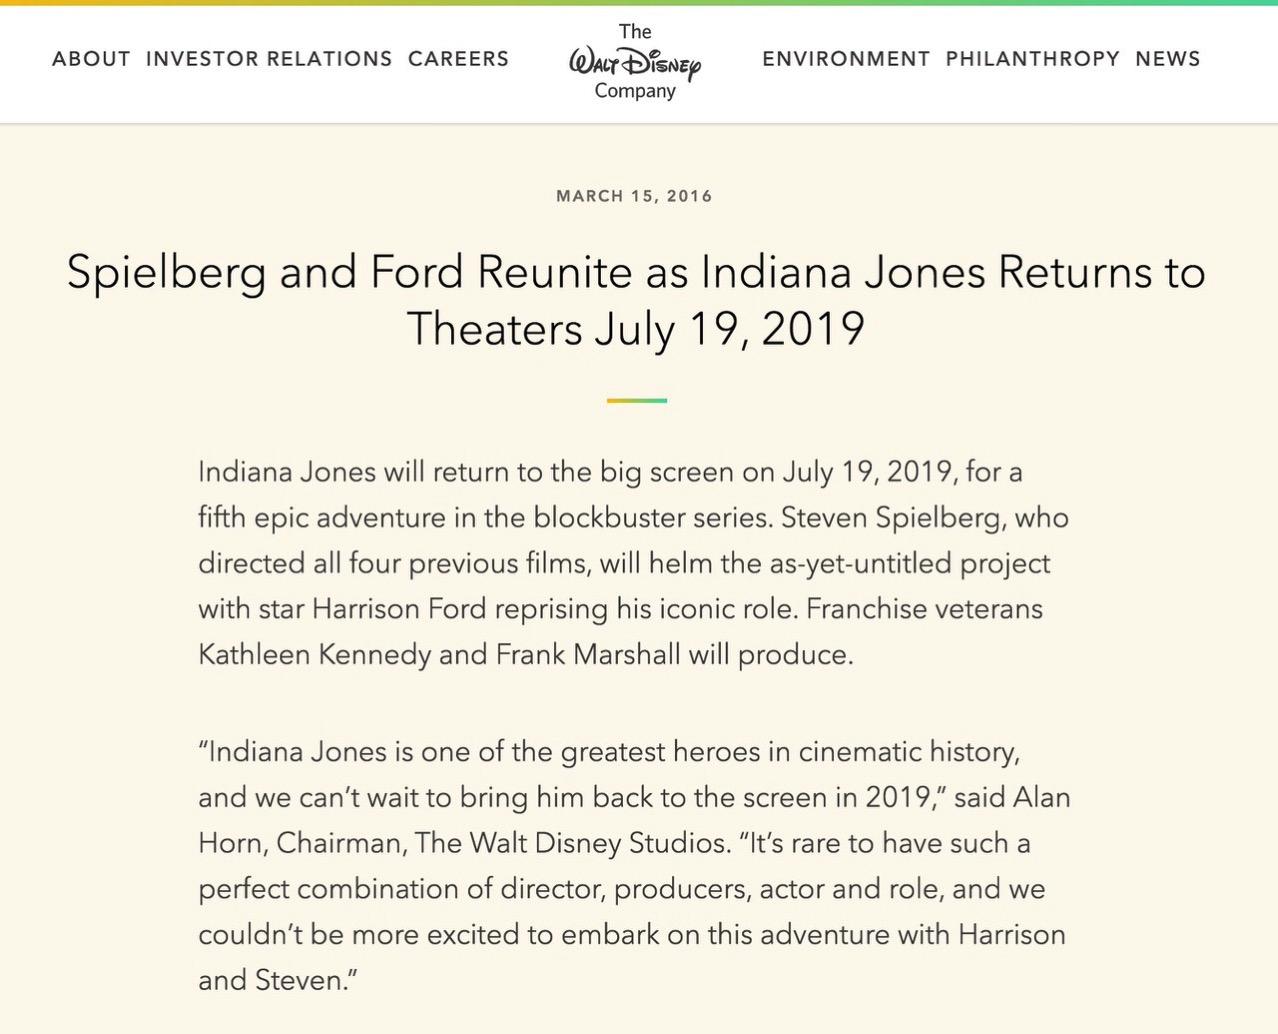 「インディ・ジョーンズ」最新作を2019年7月19日に公開へ → 主演はハリソン・フォード